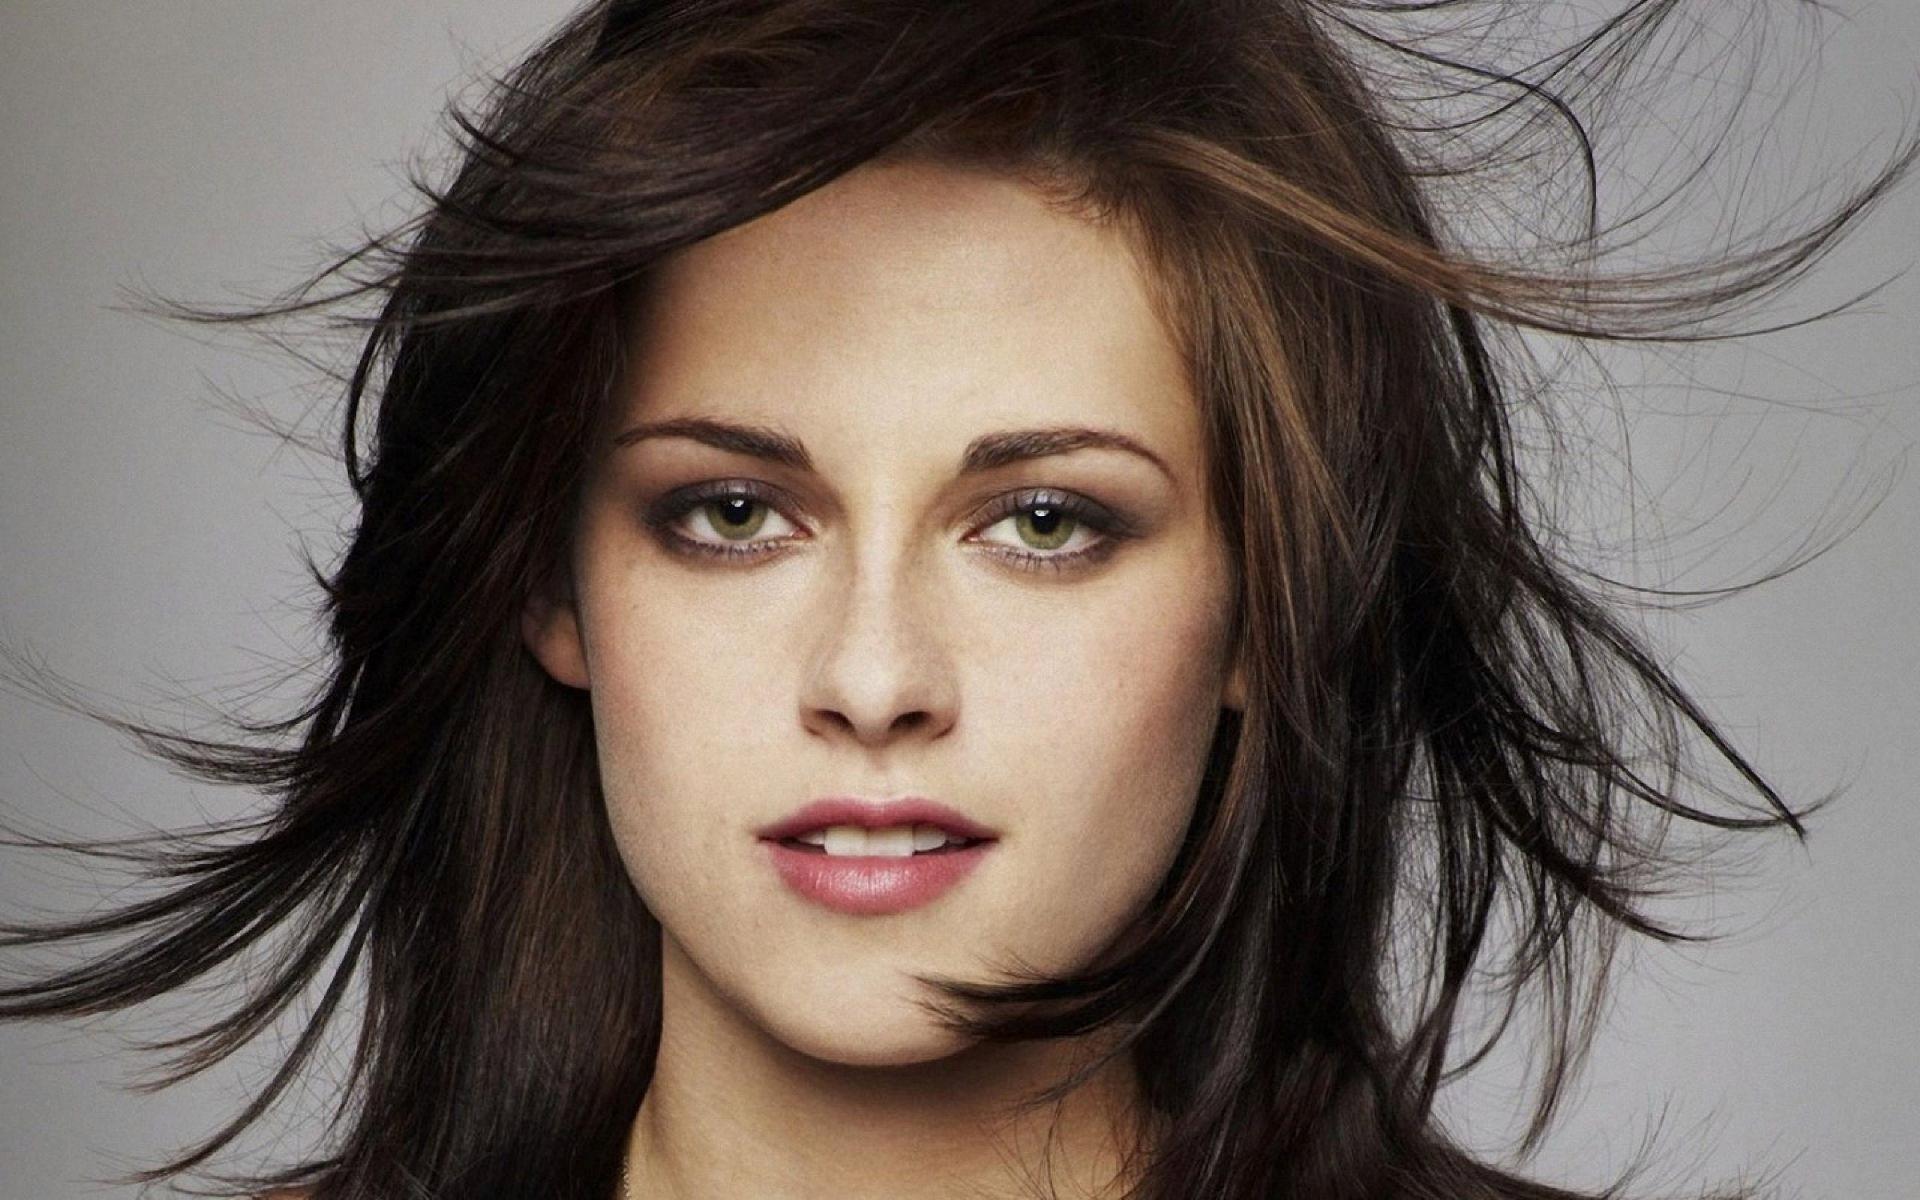 Wallpaper kristen stewart widescreen wallpapers 2 for Teen girl movie stars